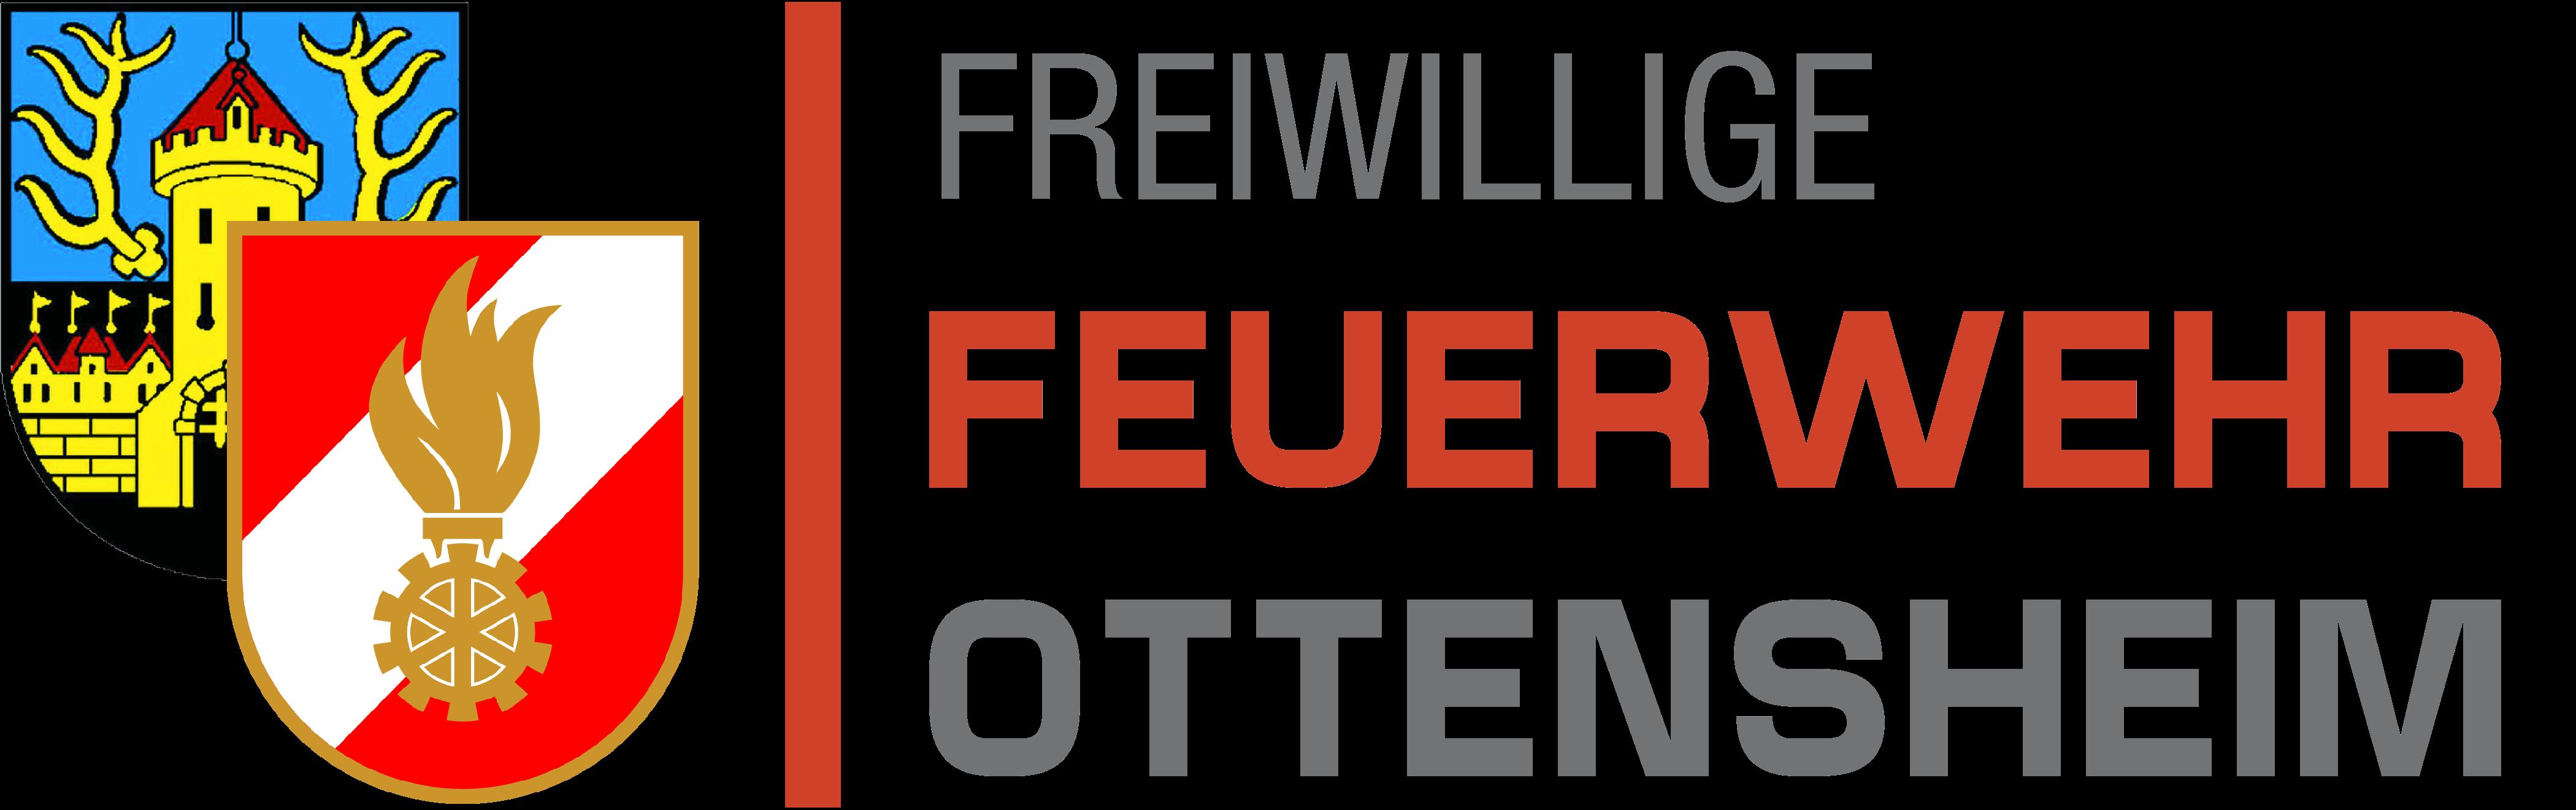 Freiwillige Feuerwehr Ottensheim